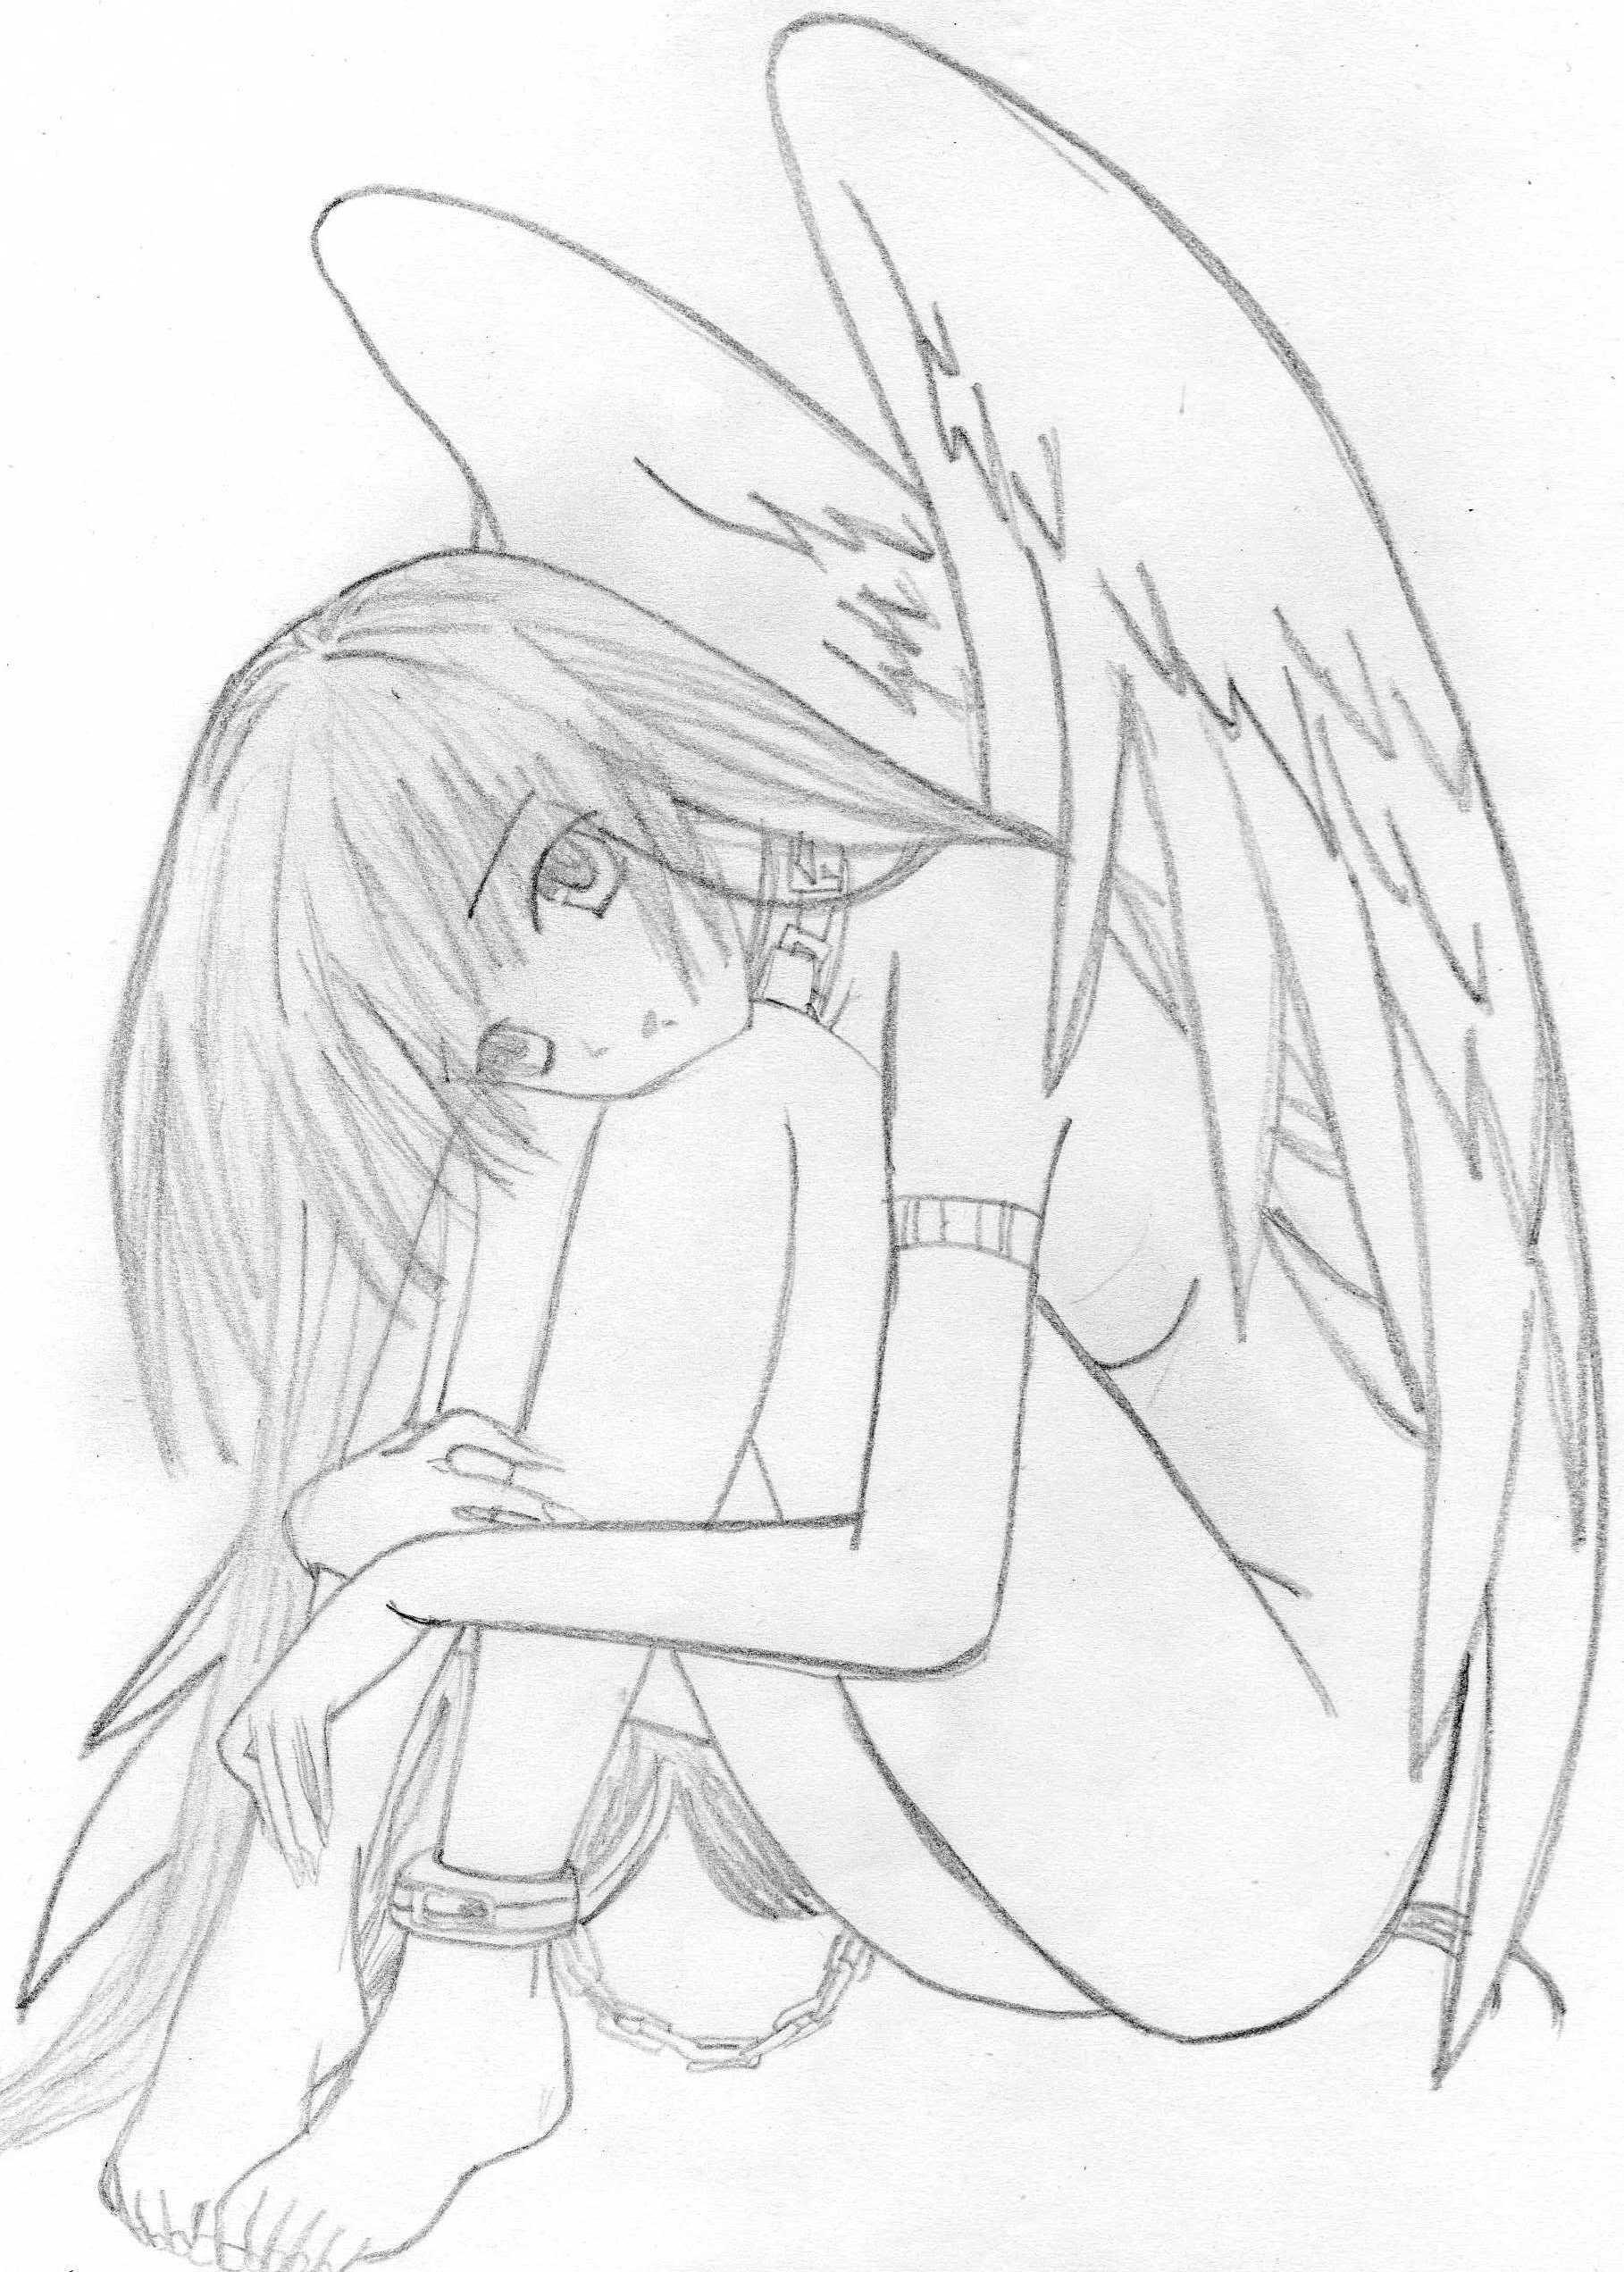 imágenes anime: Dibujos anime (el que quiera puede fotocopiarlos)